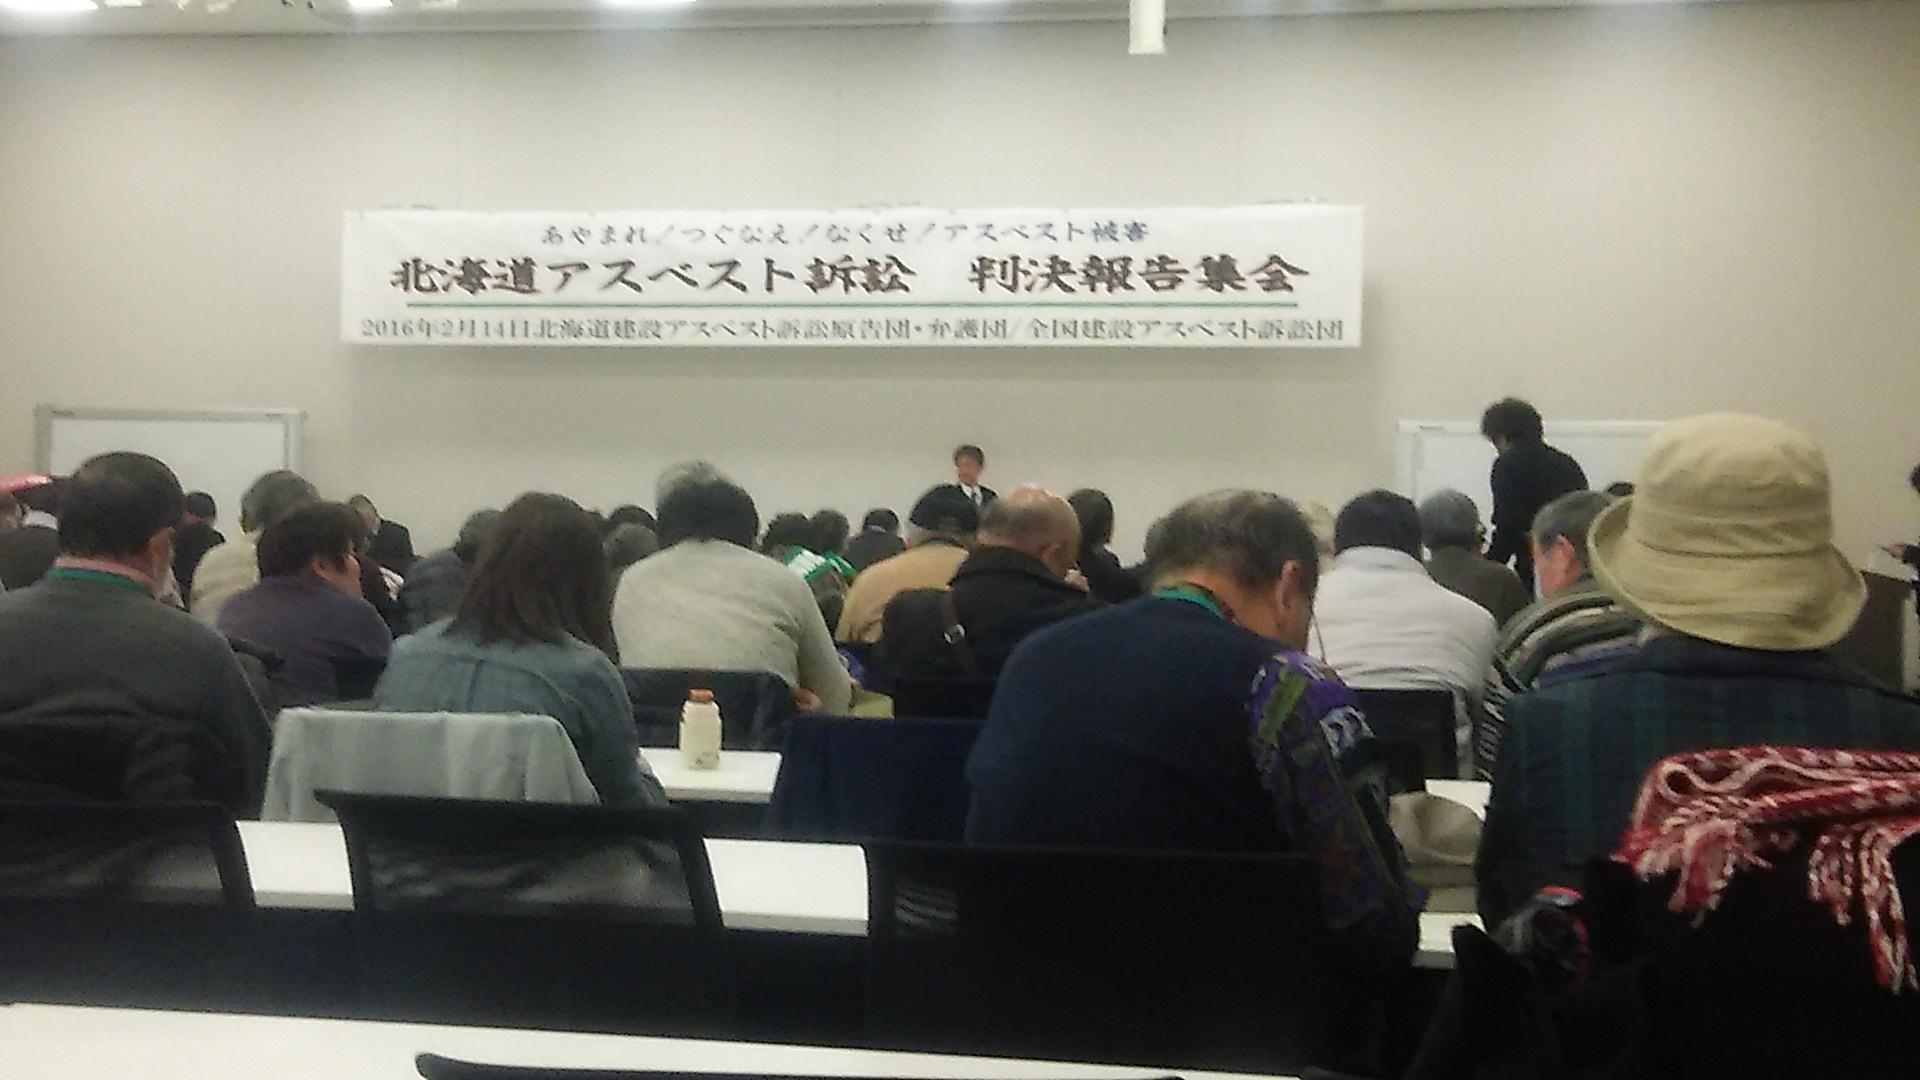 アスベスト被害の根絶と基金創設を求める院内集会